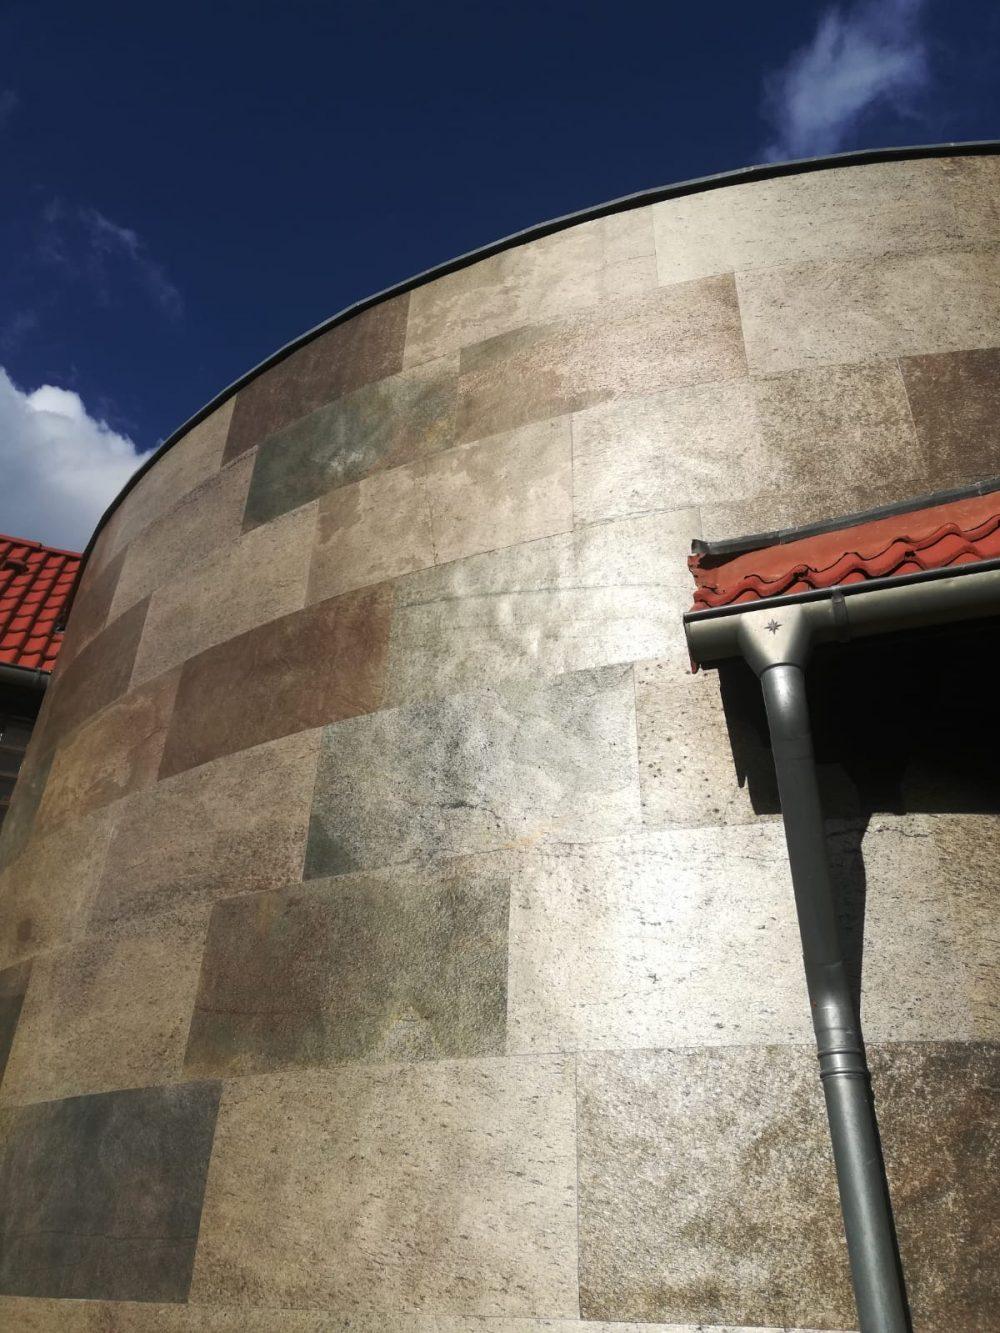 Steinpaneel Natursteinriemchen Verblender stein Wandverkleidung wandfolie steinwand Steinoptik Außenfassade